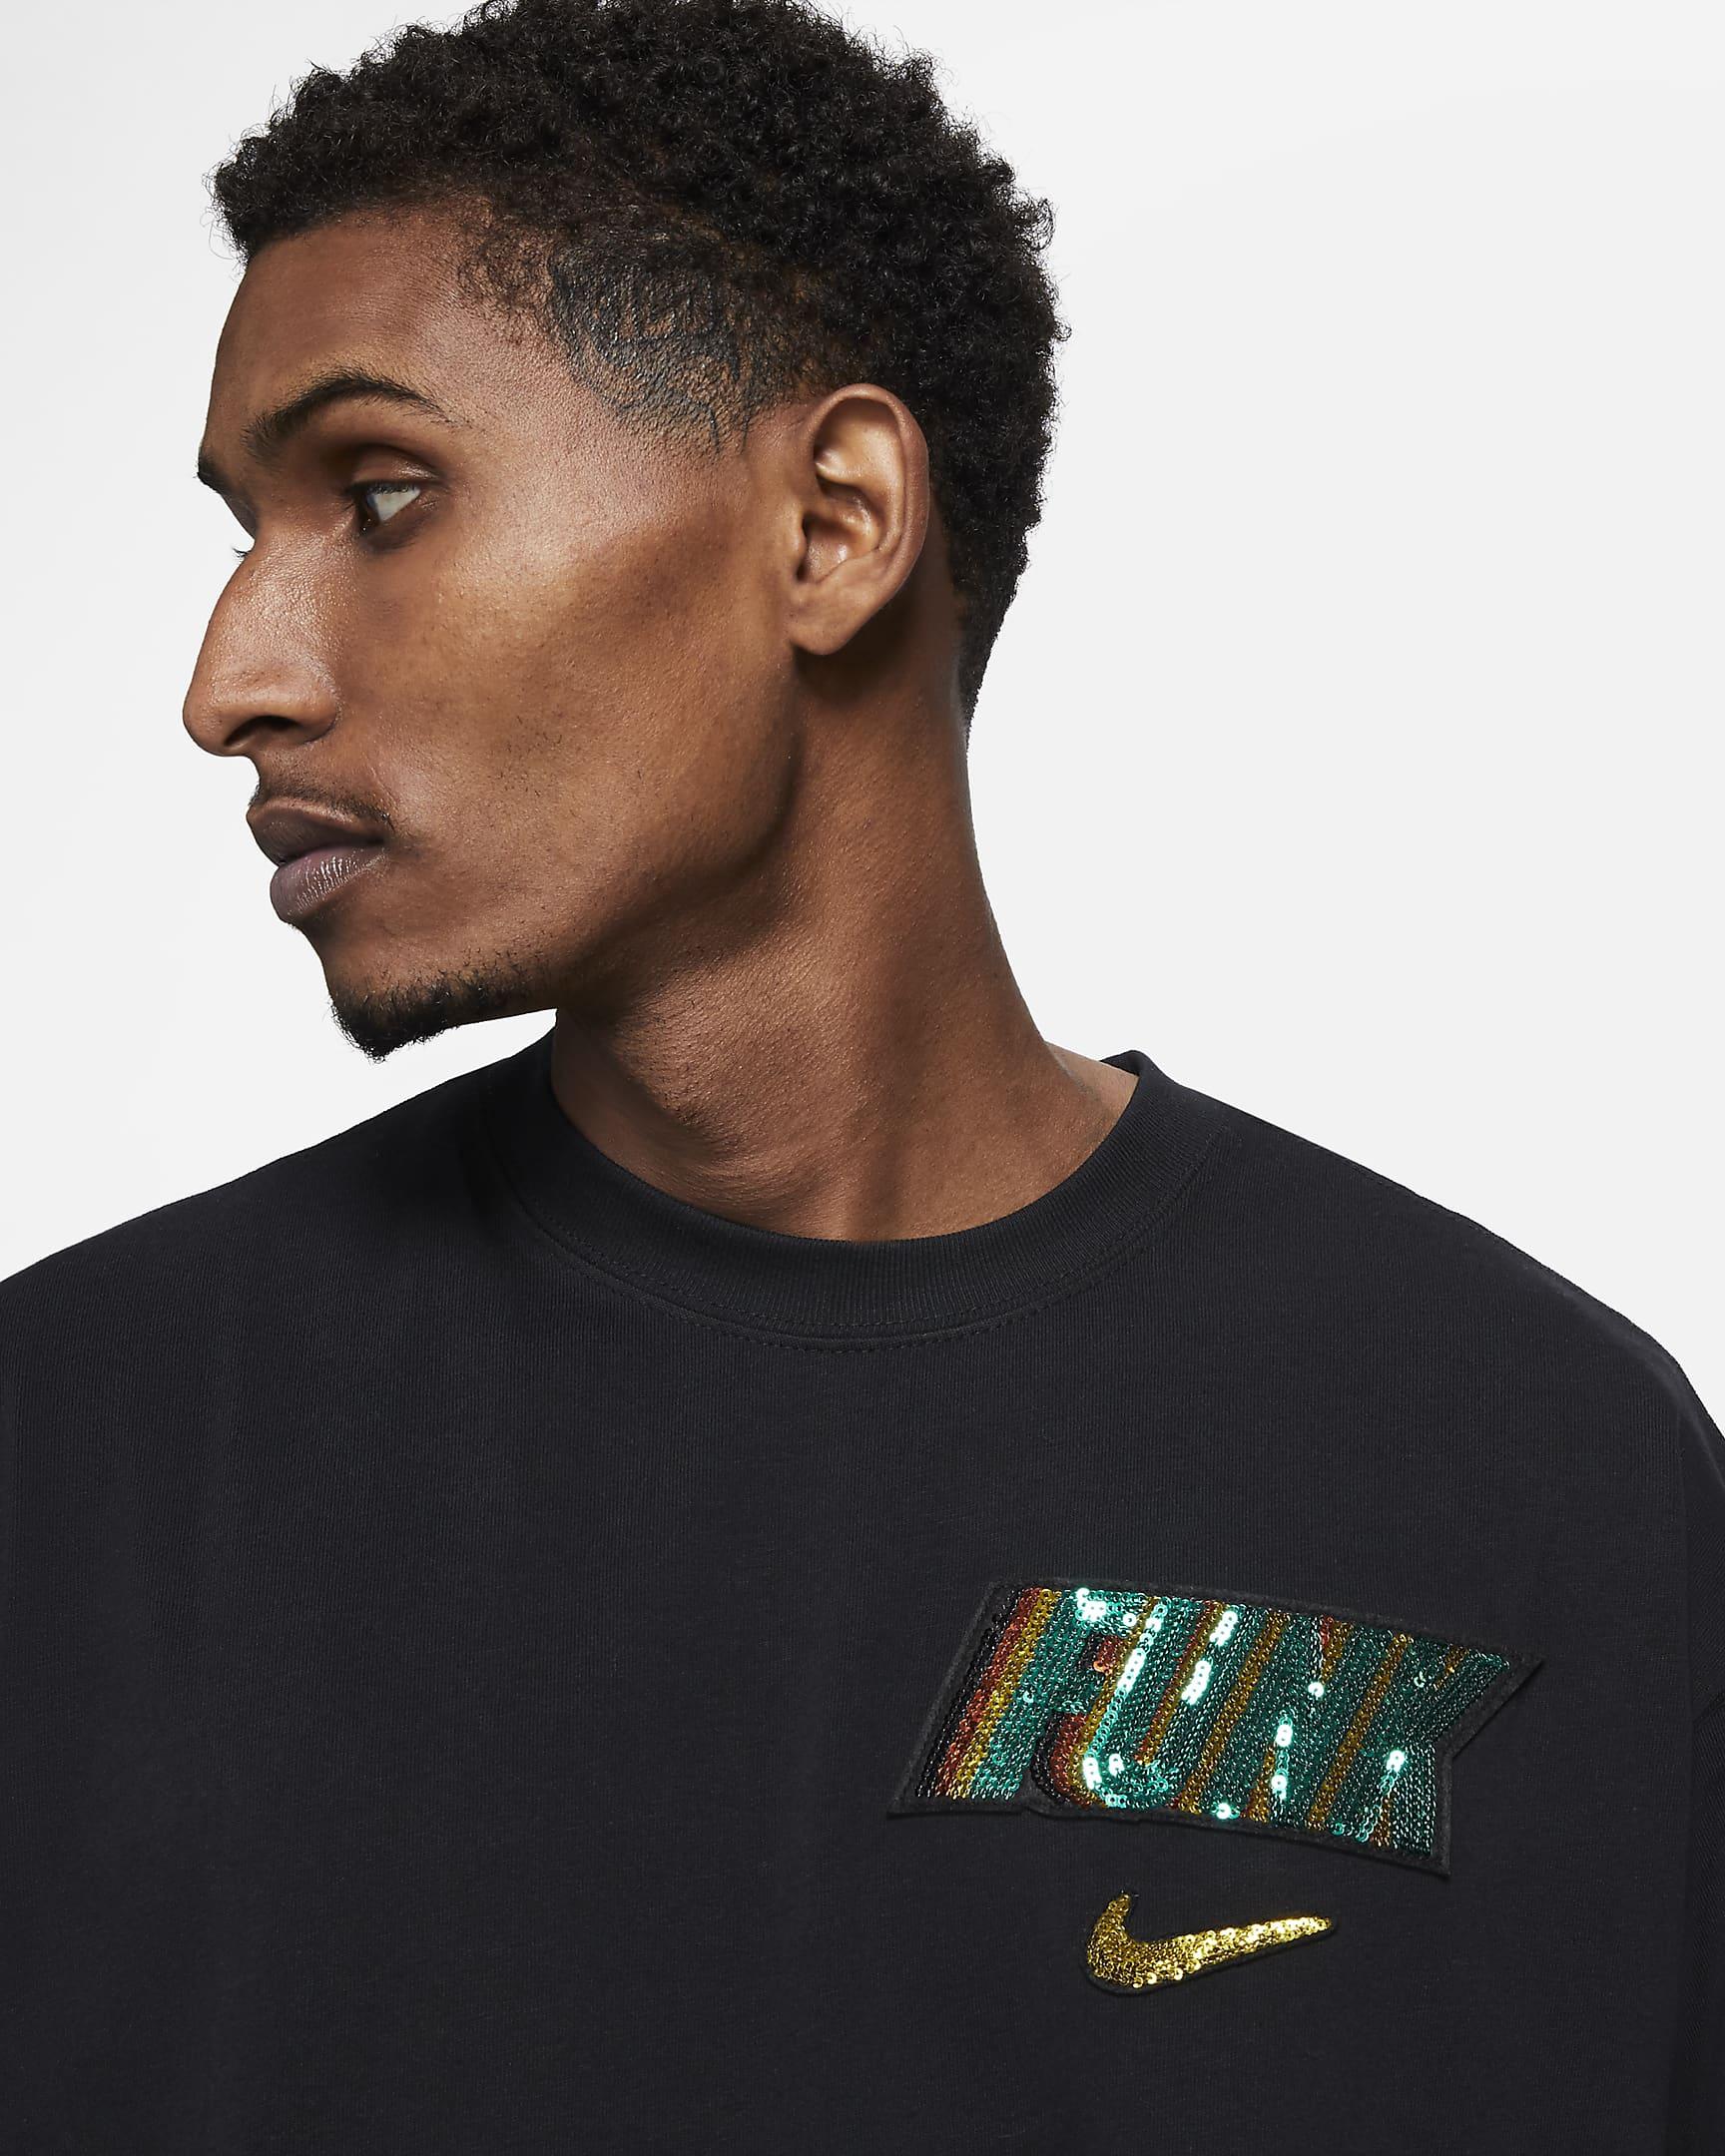 rayguns-mens-basketball-t-shirt-qZwq94-1